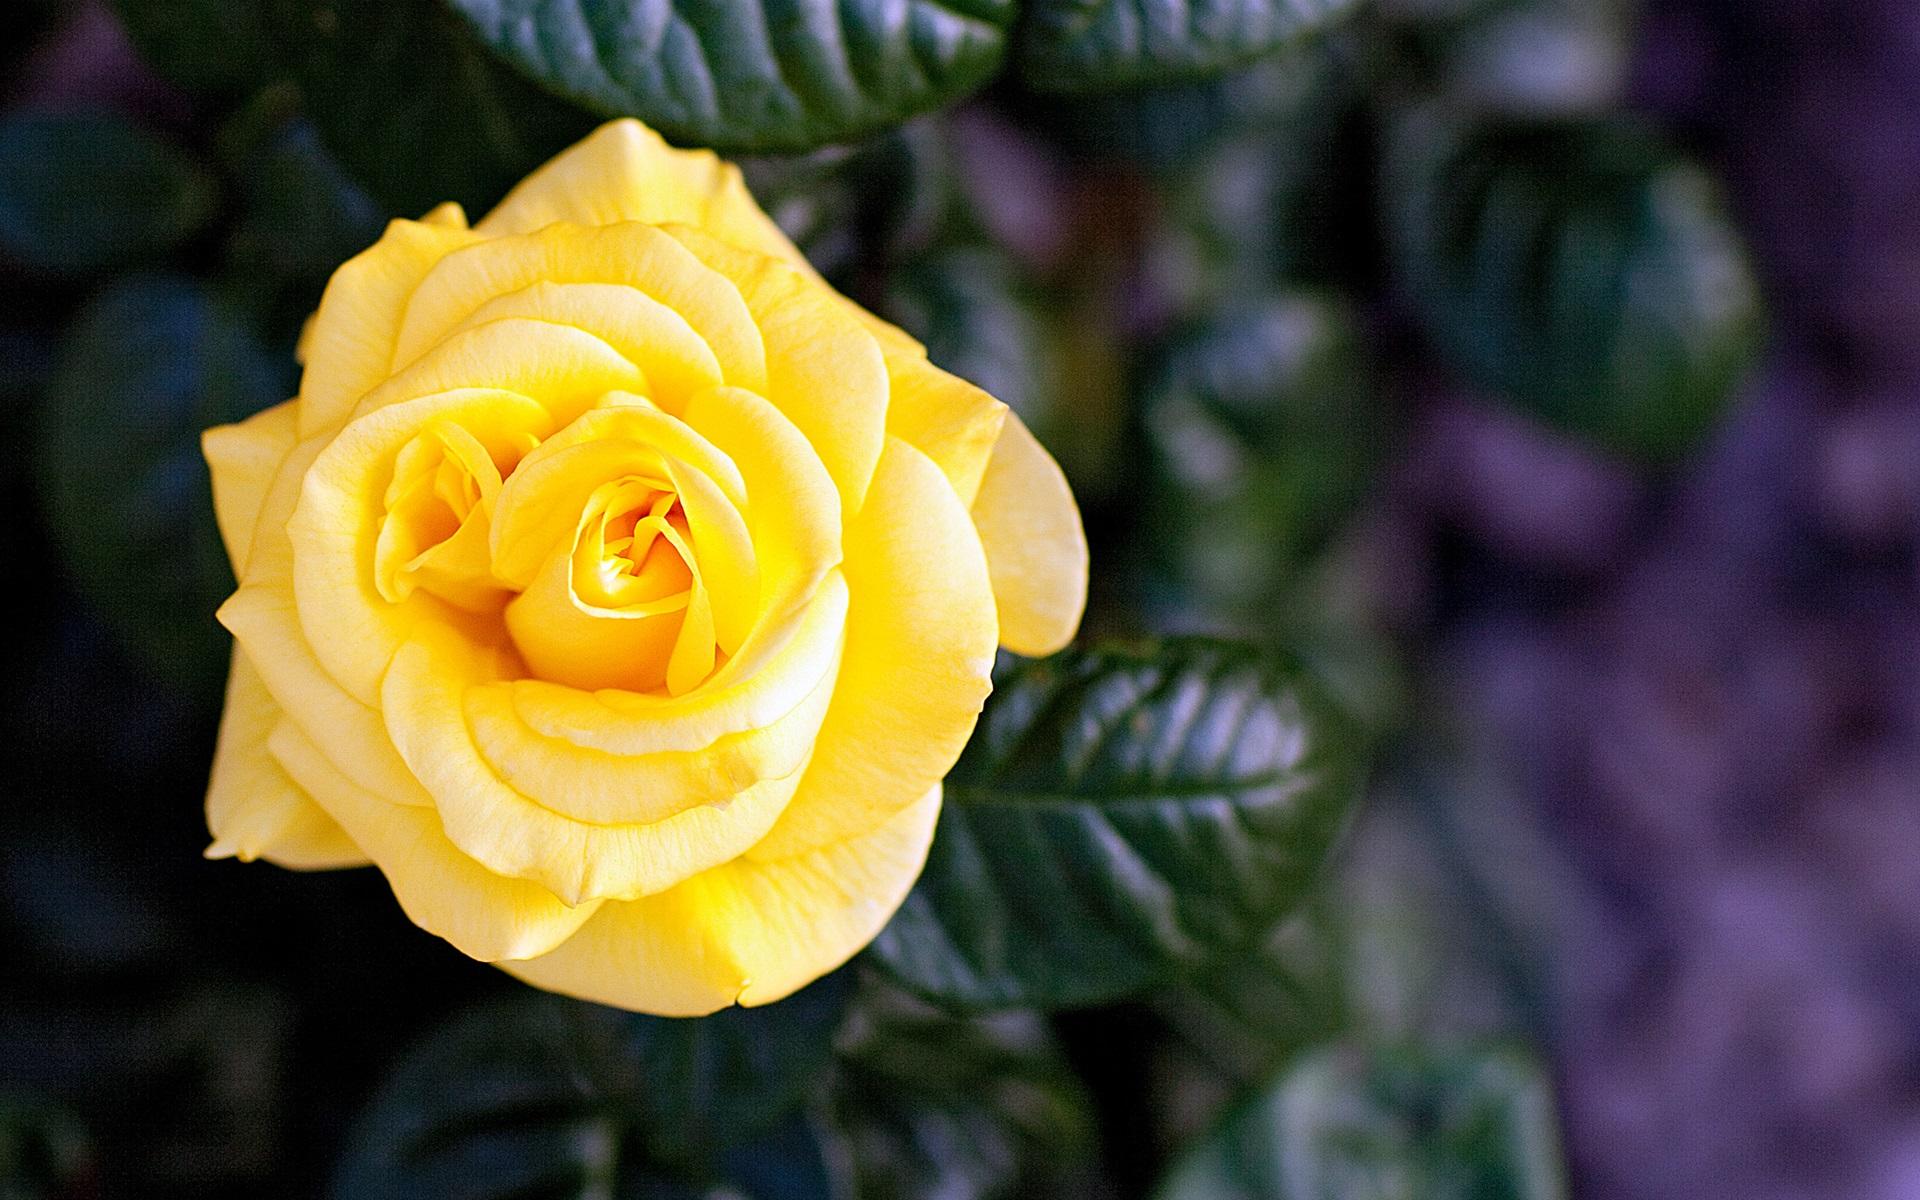 Fonds D Ecran Rose Jaune Fleur Unique 1920x1200 Hd Image